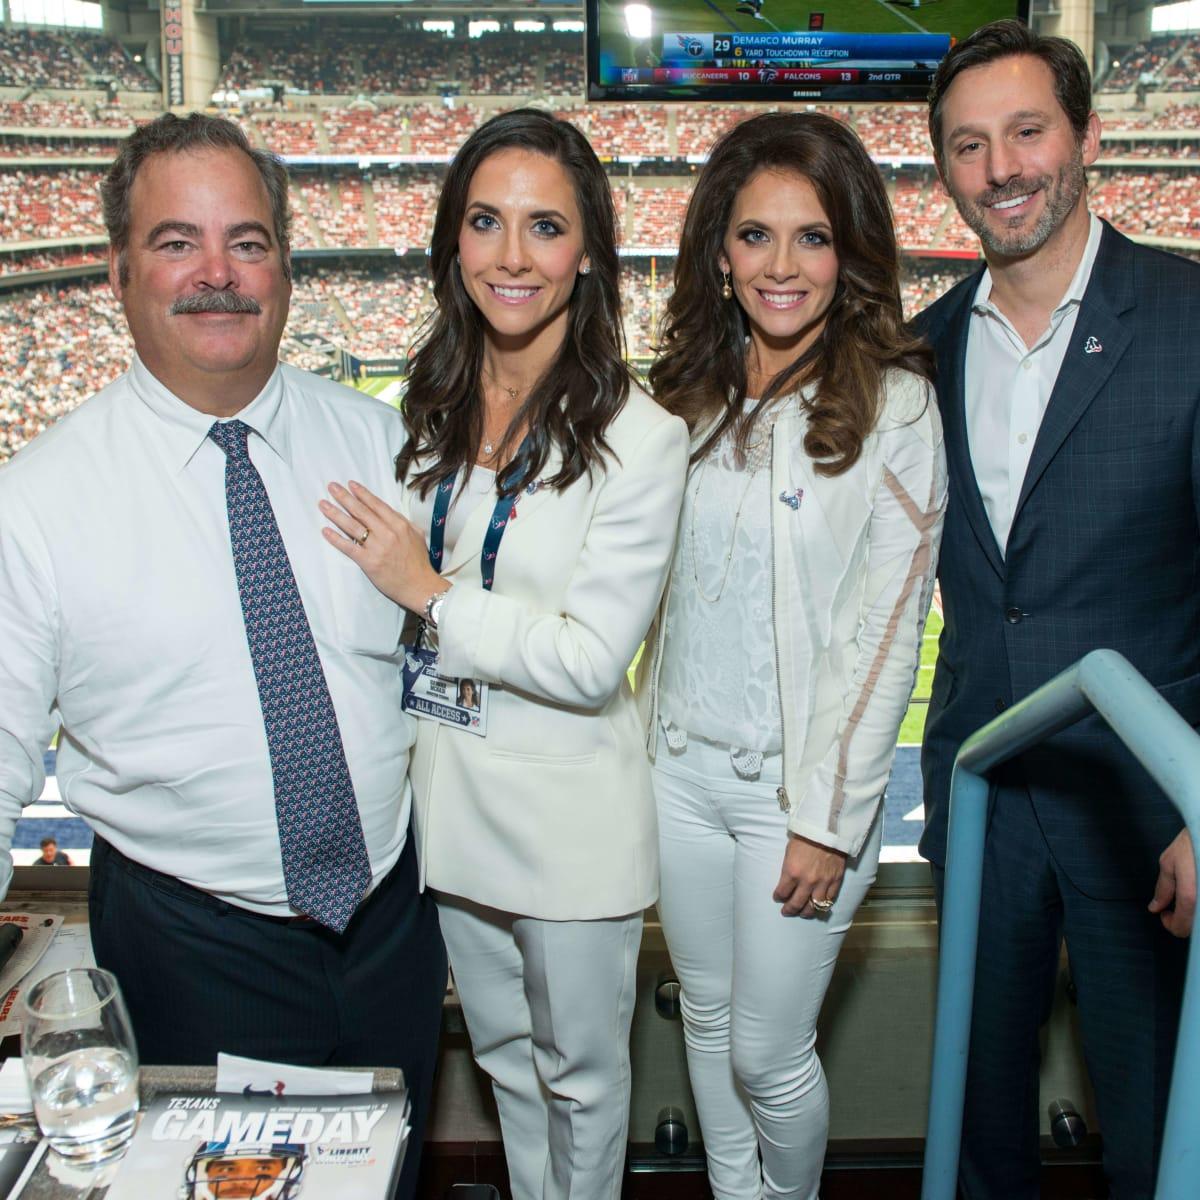 Houston Texans season opener, 9.16, Cal and Hannah Mcnair, Joanna and Brad Marks